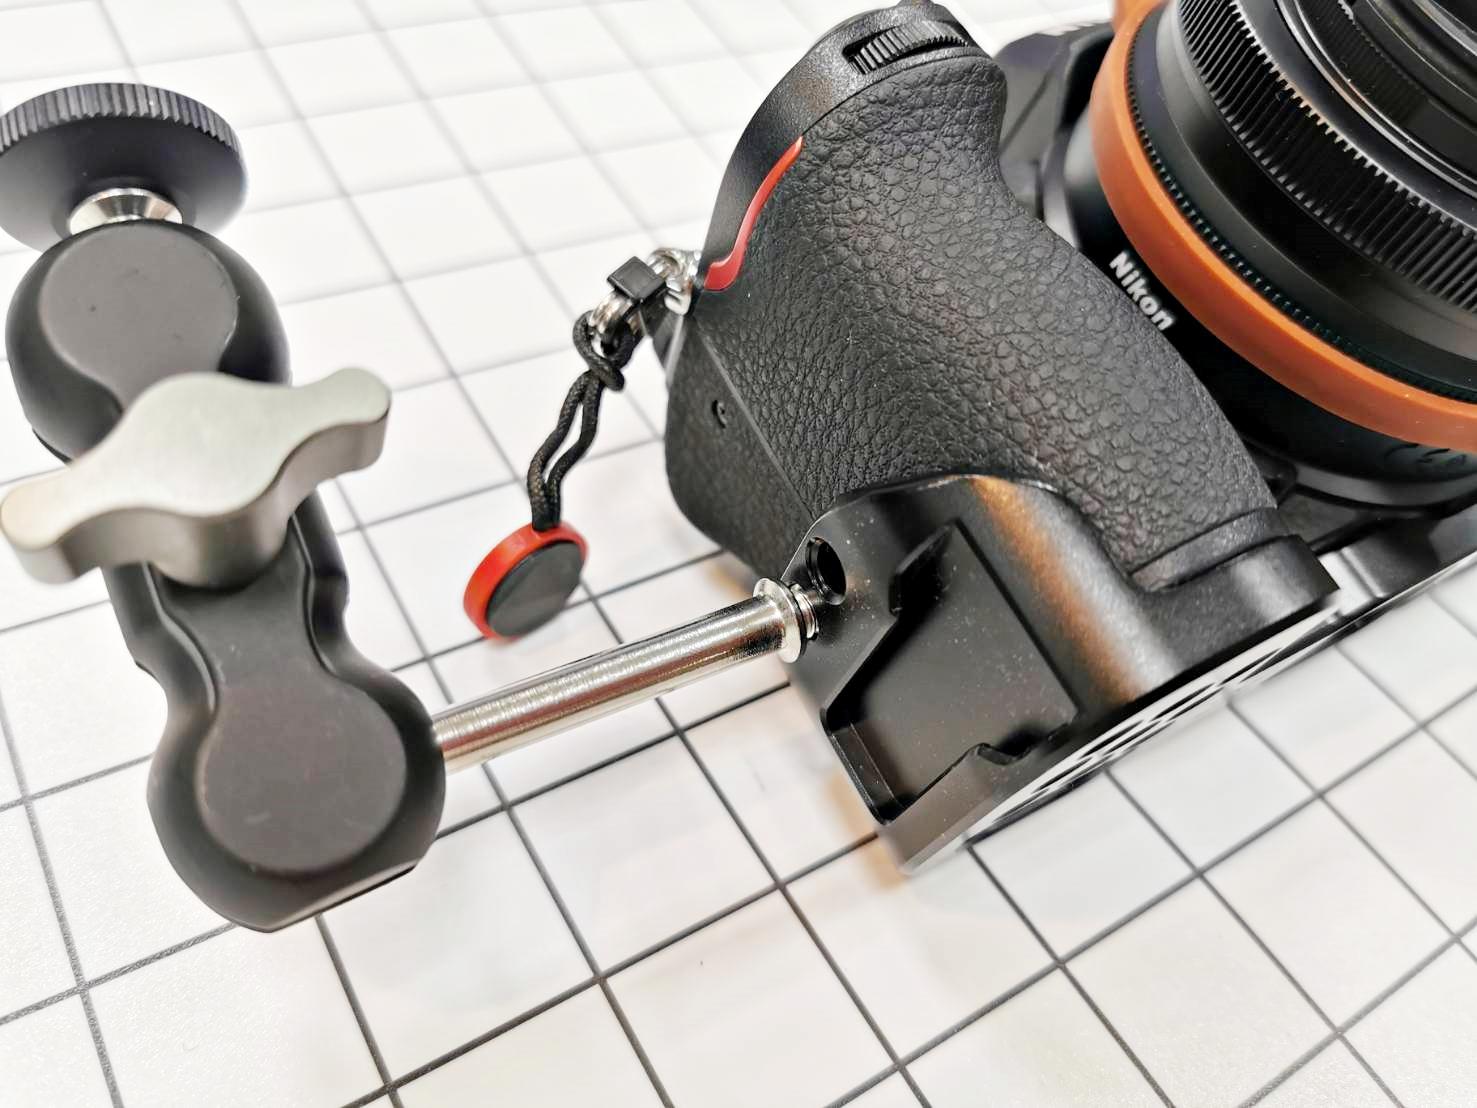 腳架推薦:徠圖LeofotoMT-03腳架搭配MBC-20球型雲台,手機、相機都適用